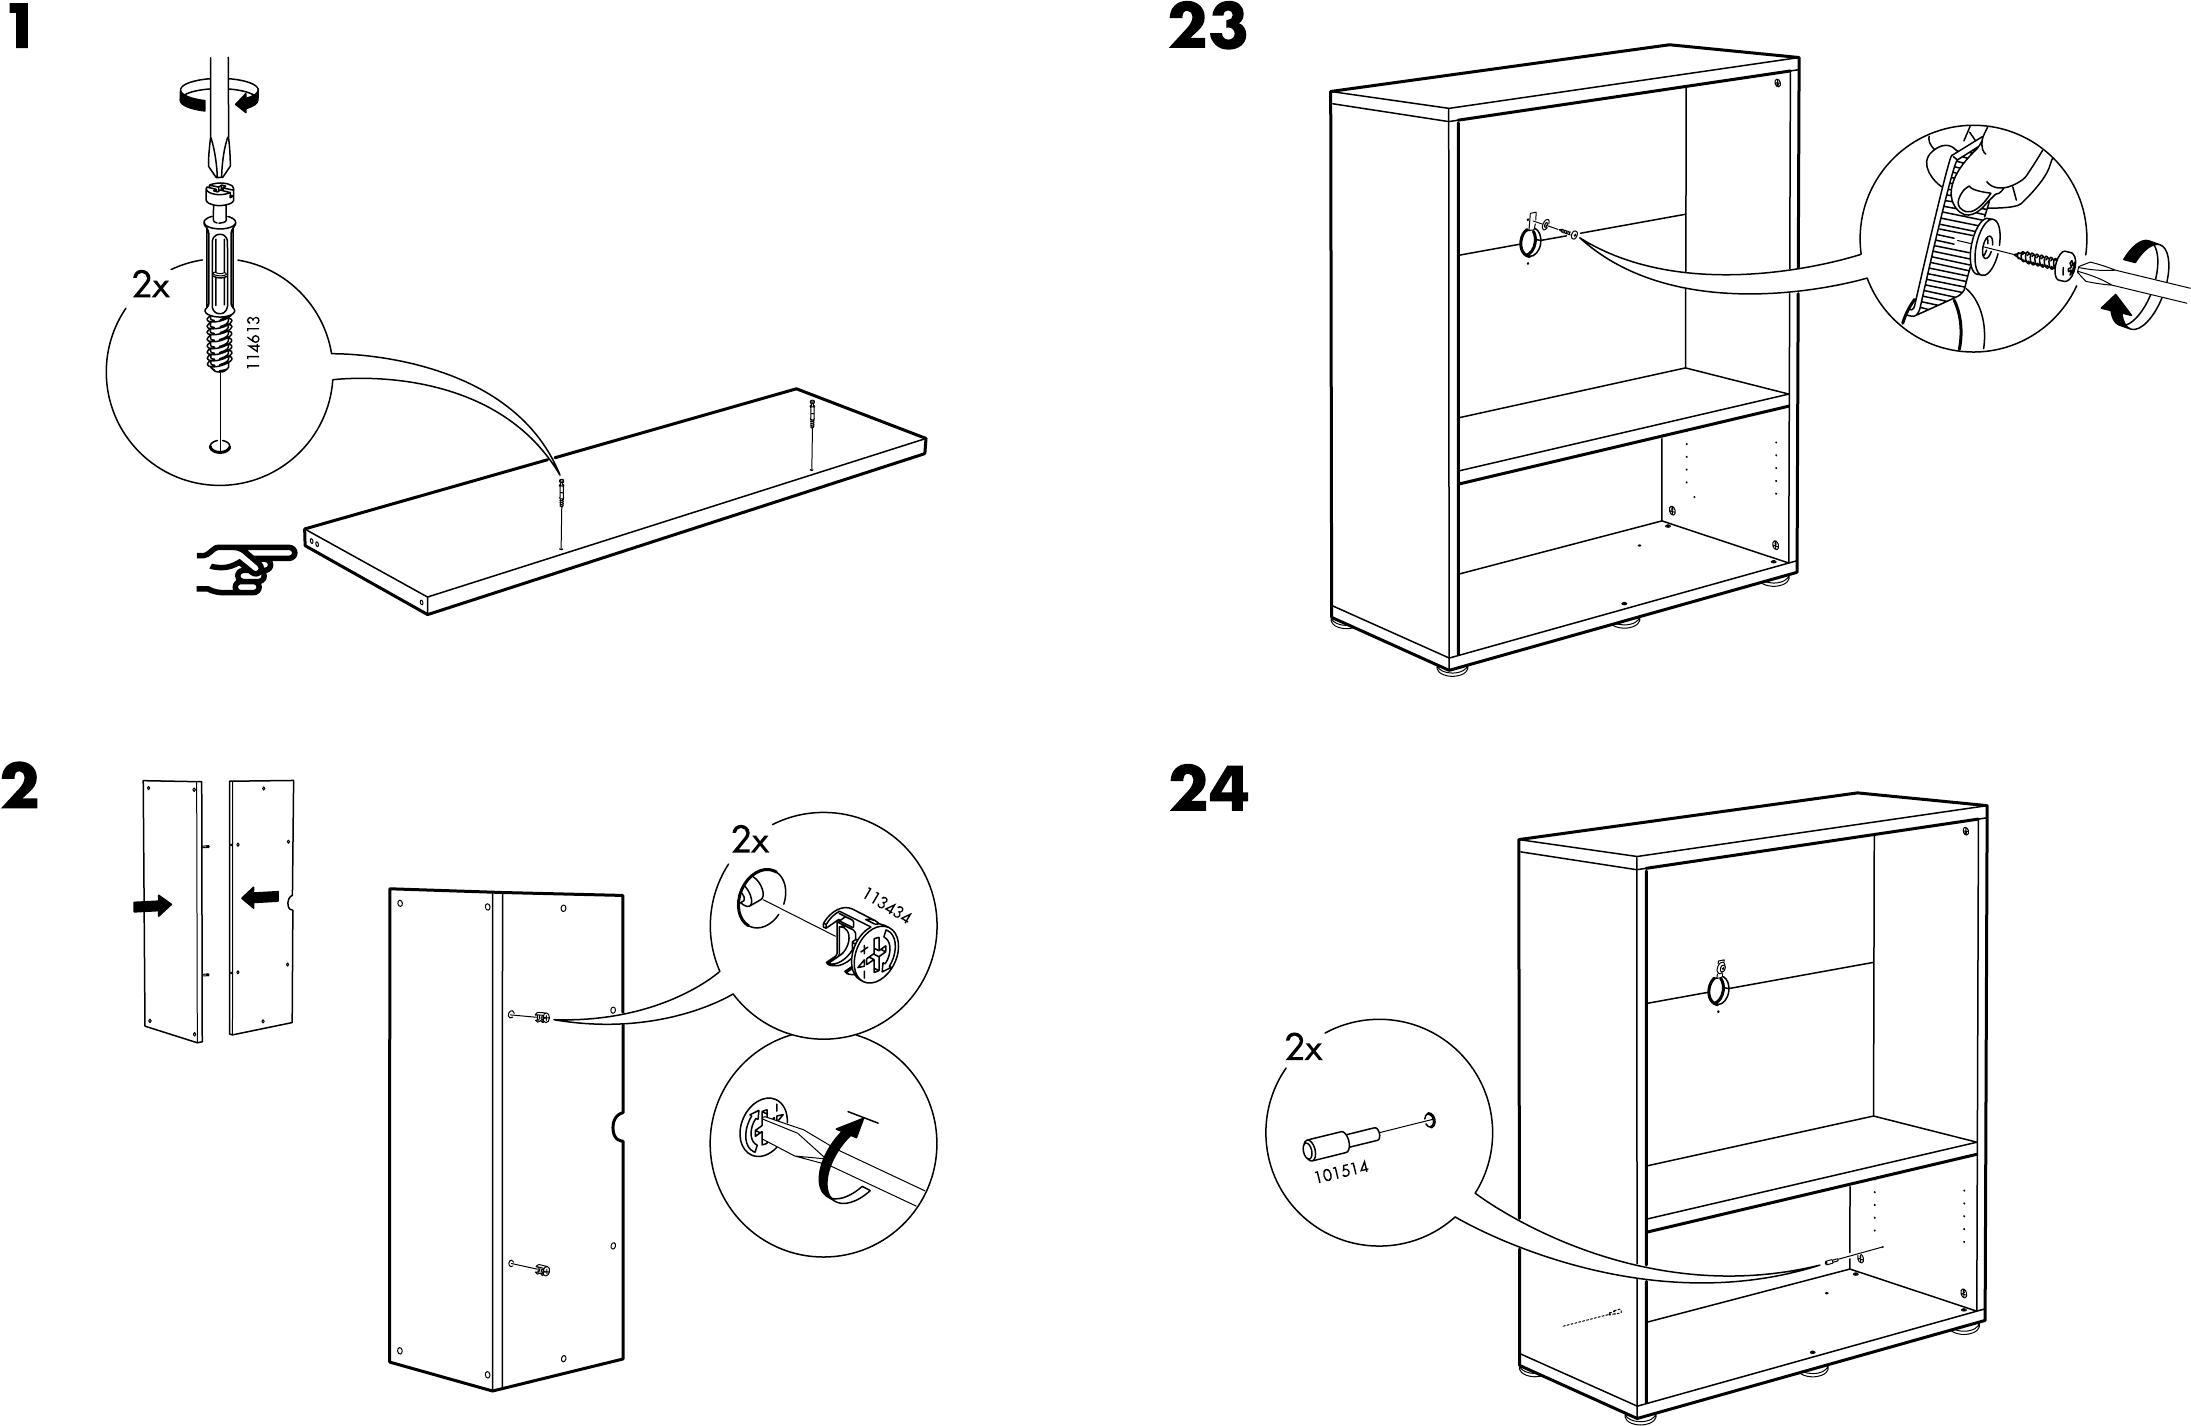 Aspelund Ikea Kast Handleiding ~ Handleiding Ikea Besta Enon TV kast (pagina 4 van 10) (0,68 mb Dansk